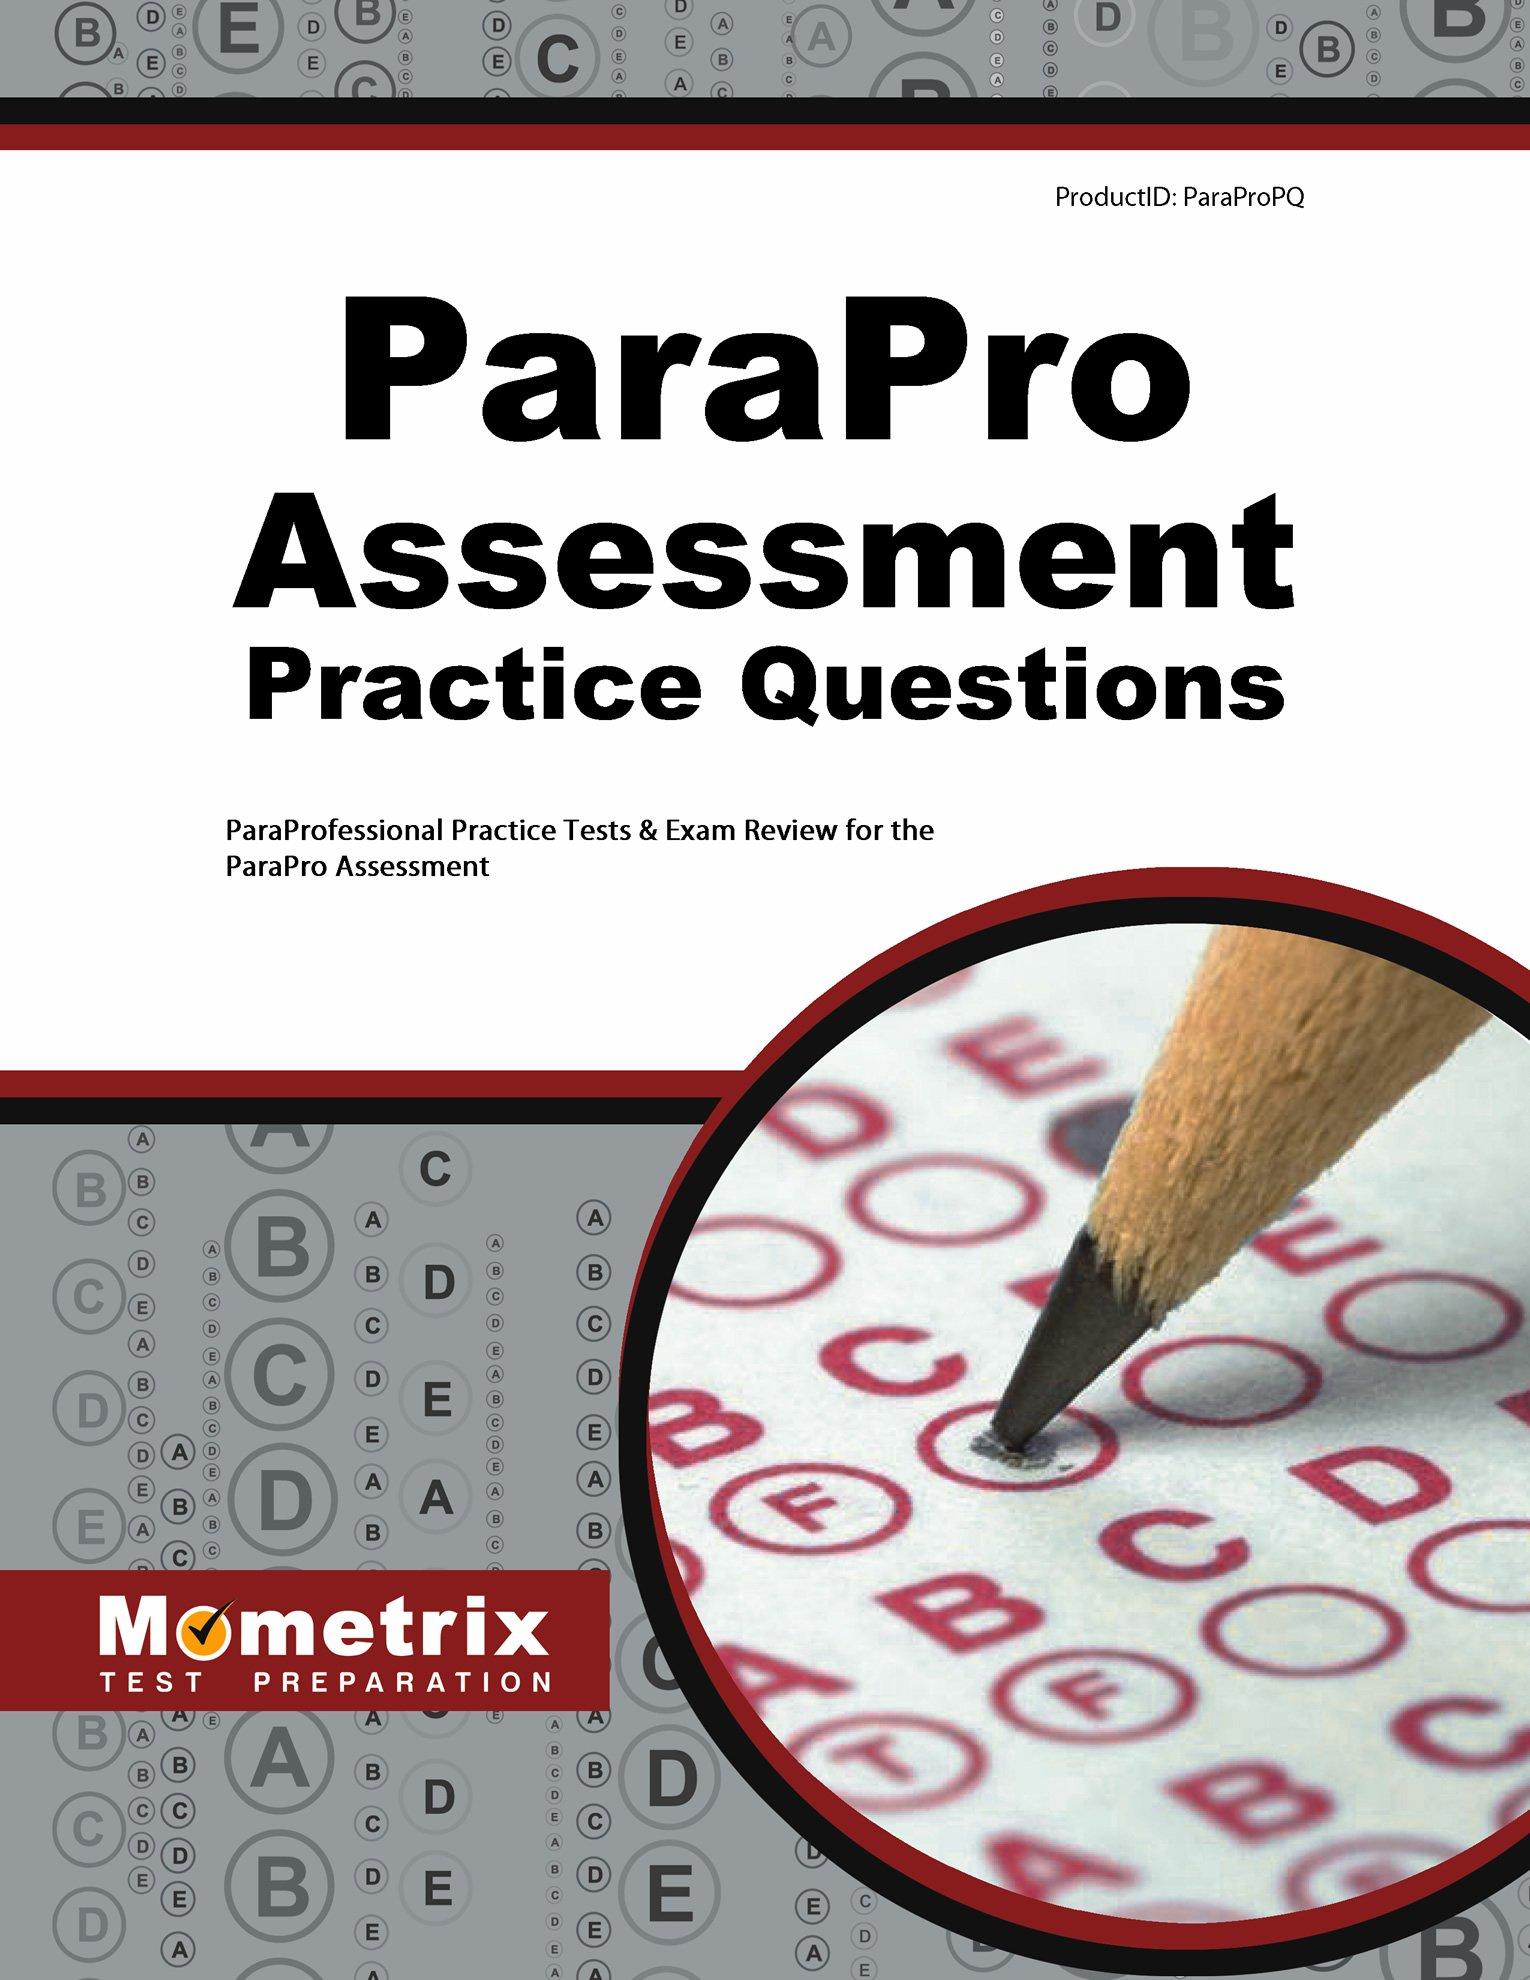 Parapro Assessment Practice Questions Paraprofessional Practice